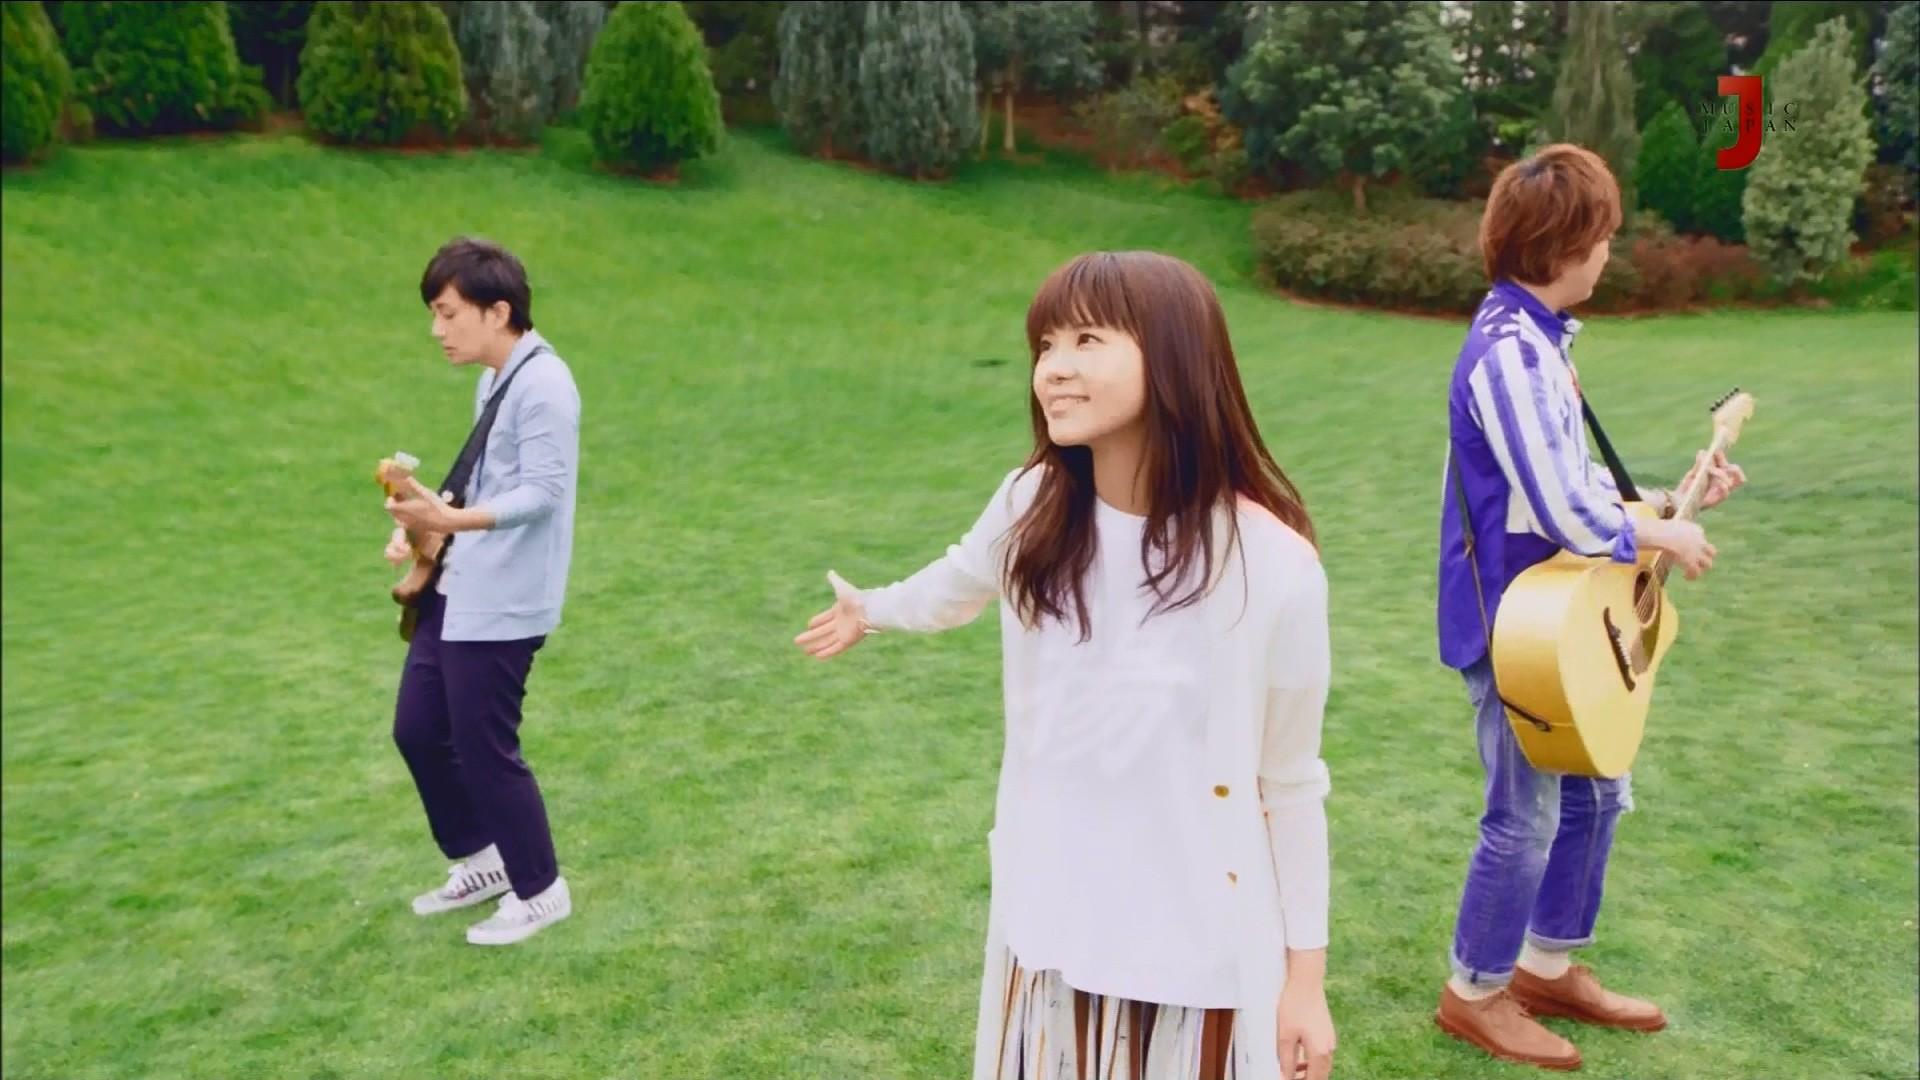 2016.05.07 いきものがかり スペシャル(MJTV).ts_20160507_192300.086